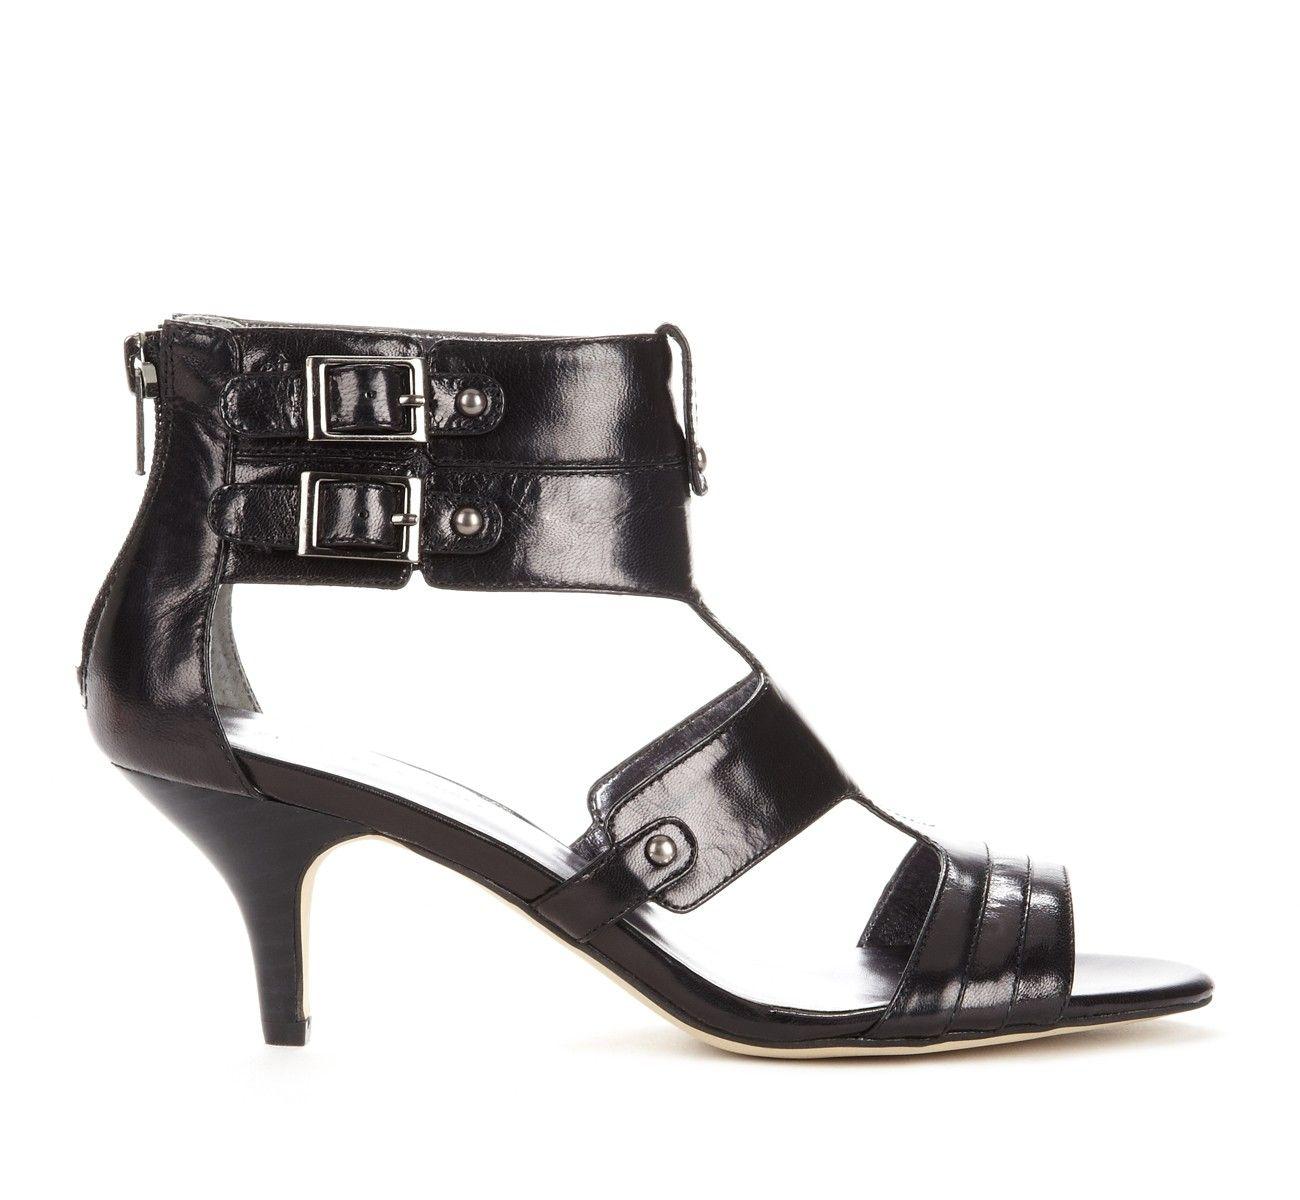 Black Leather Kitten Heel Kitten Heel Shoes Black Sandals Heels